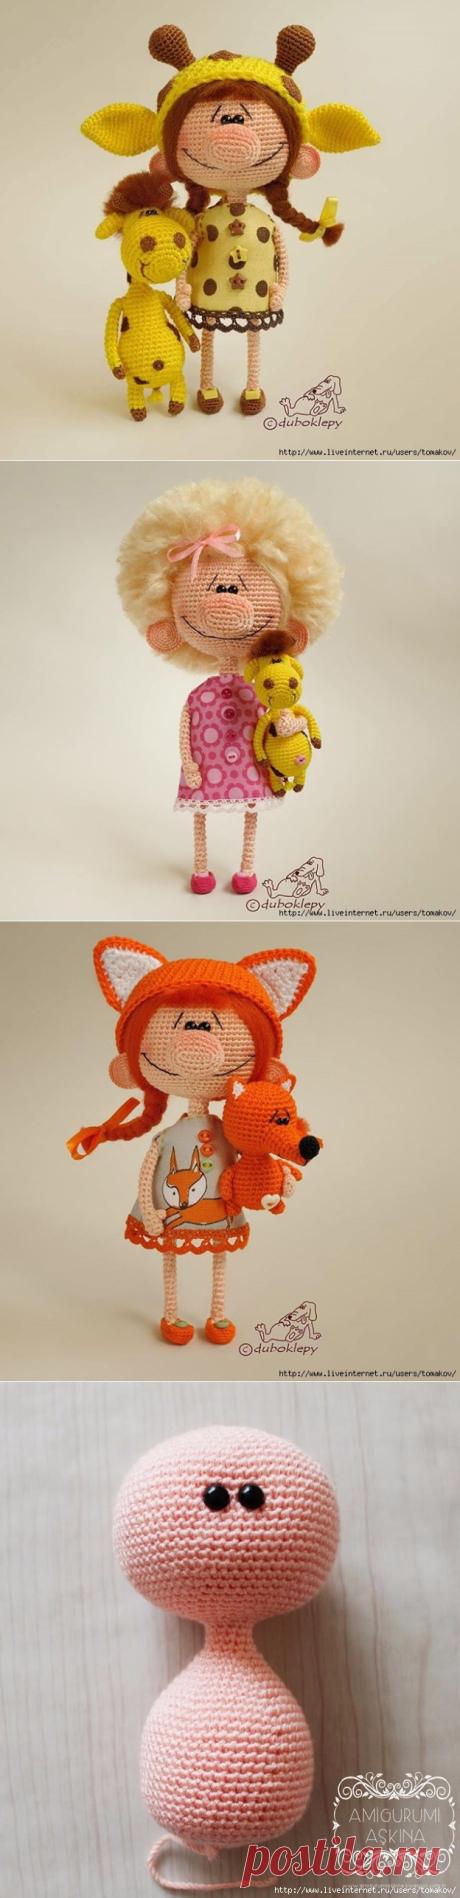 Куклы-большеносики от Екатерины Клепуковой + описание